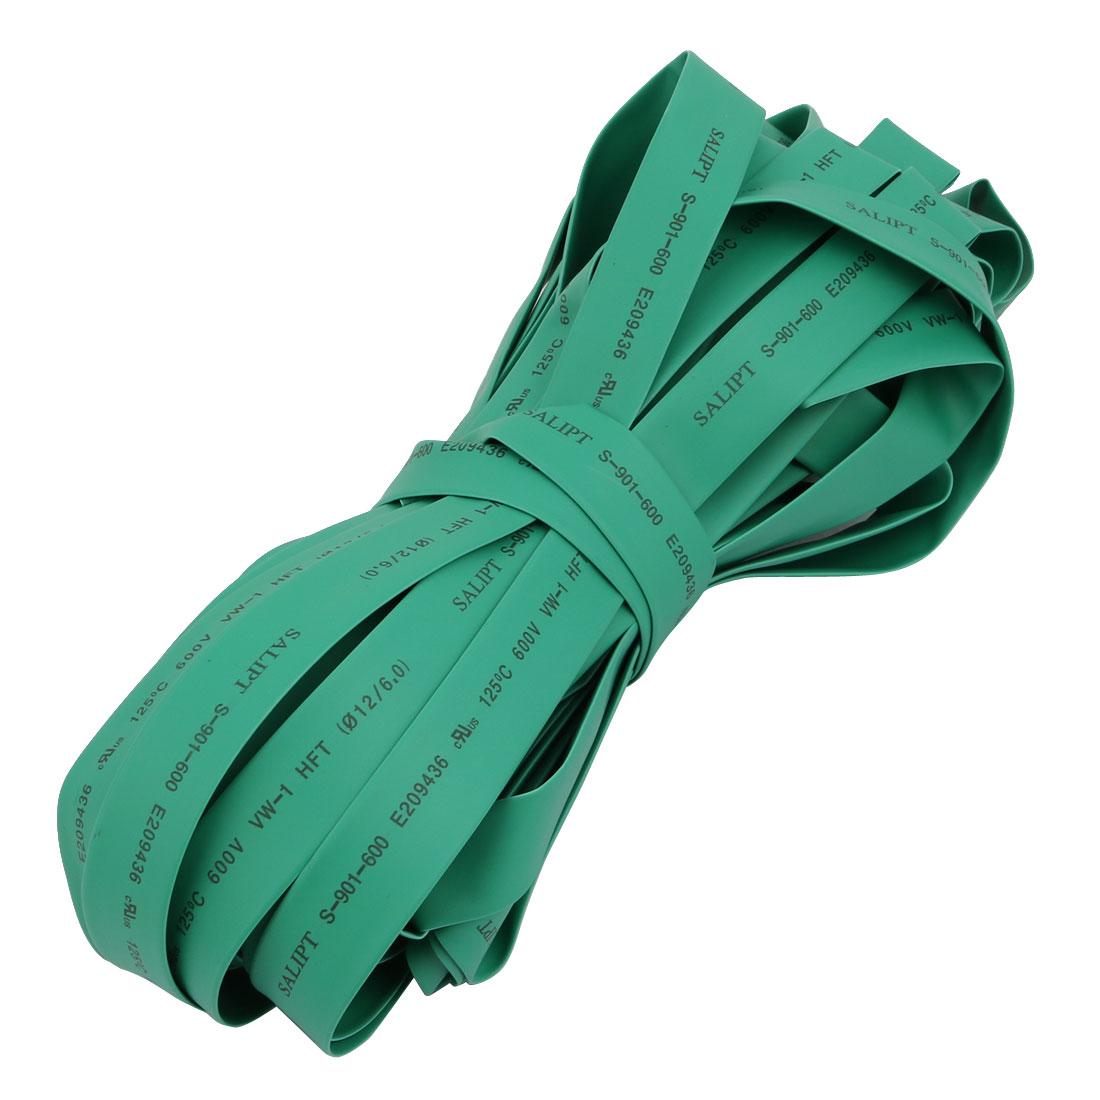 Polyolefin Heat Shrinkable Flame Retardant Tube 20M Length 12mm Inner Dia Green